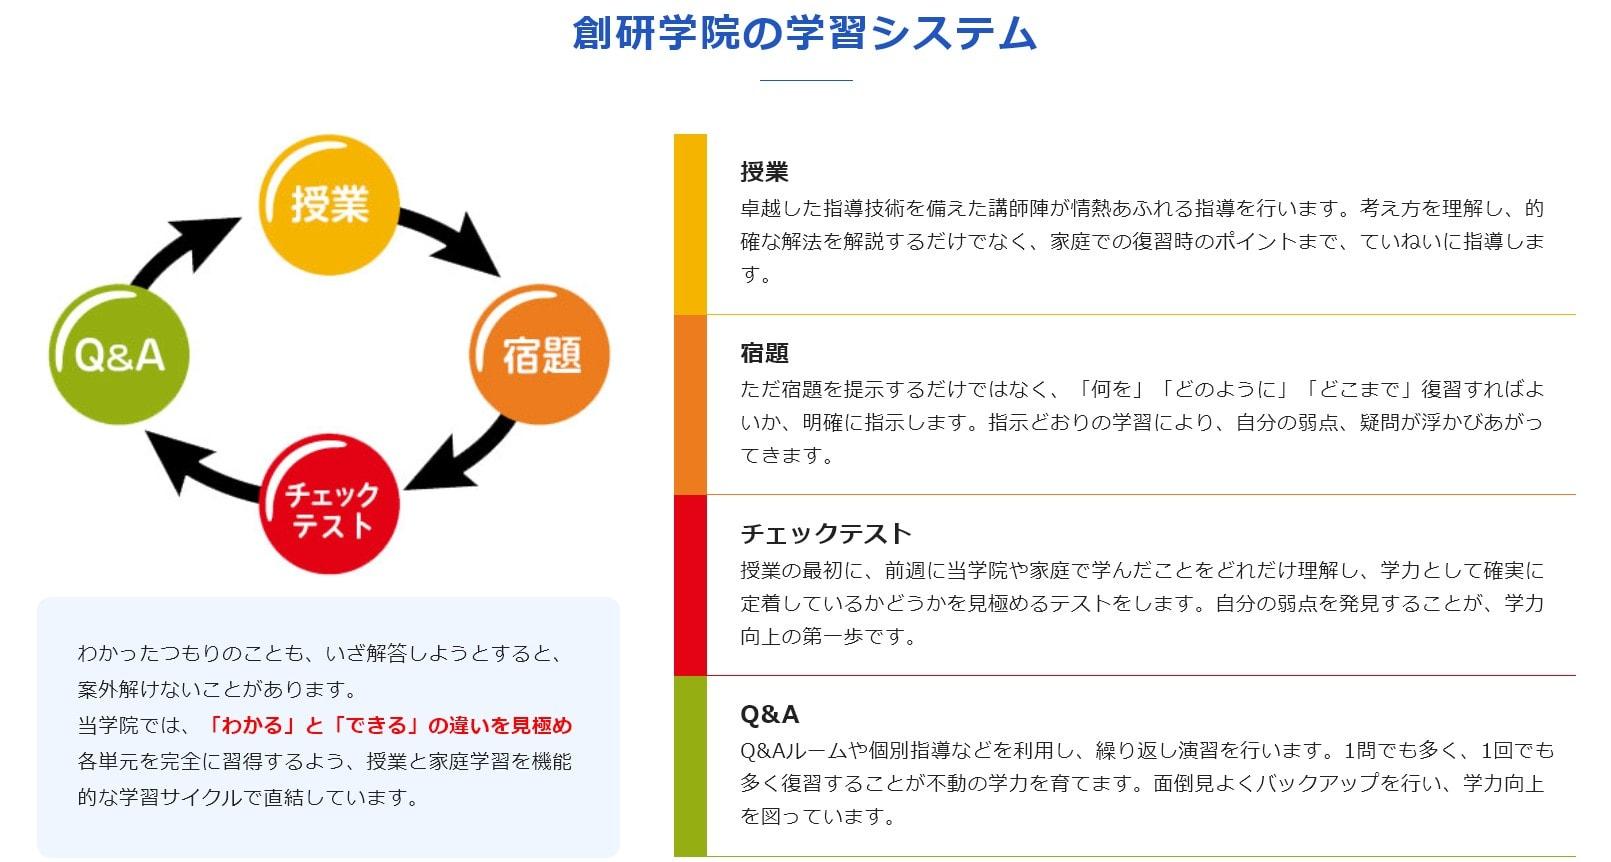 創研学院の学習システム